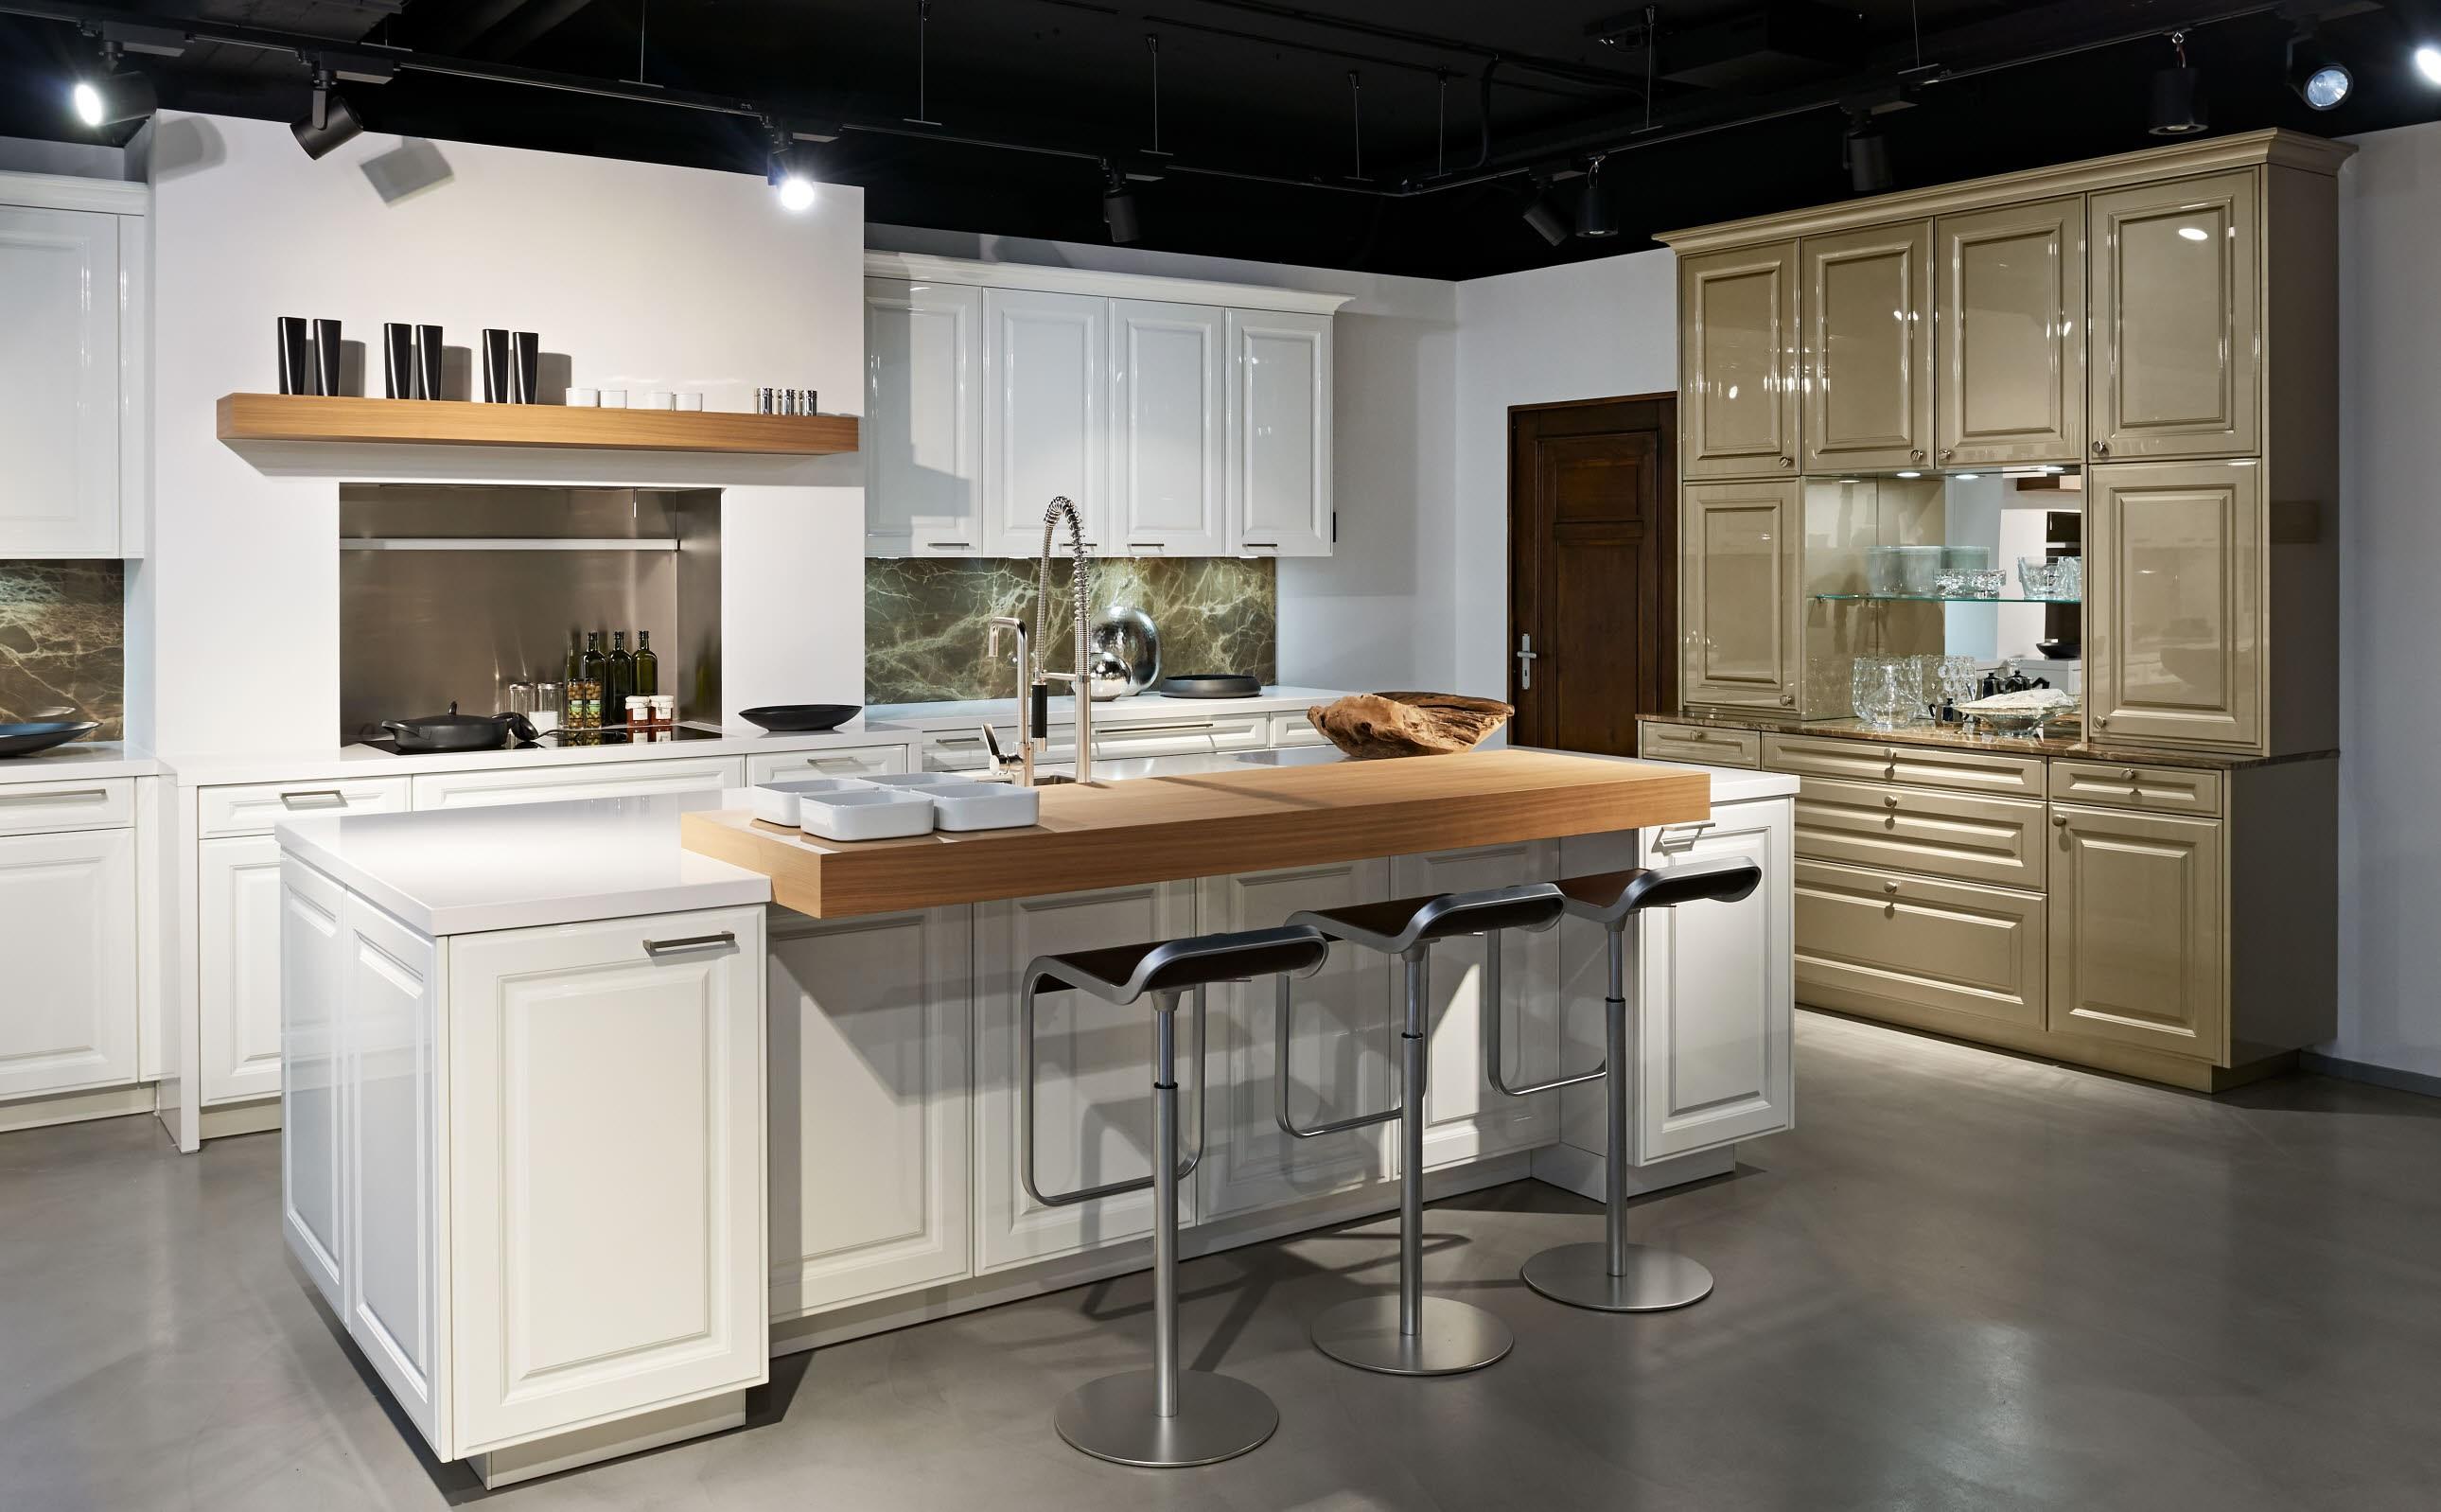 Poggenpohl Kitchens Hawaii   LinkedIn